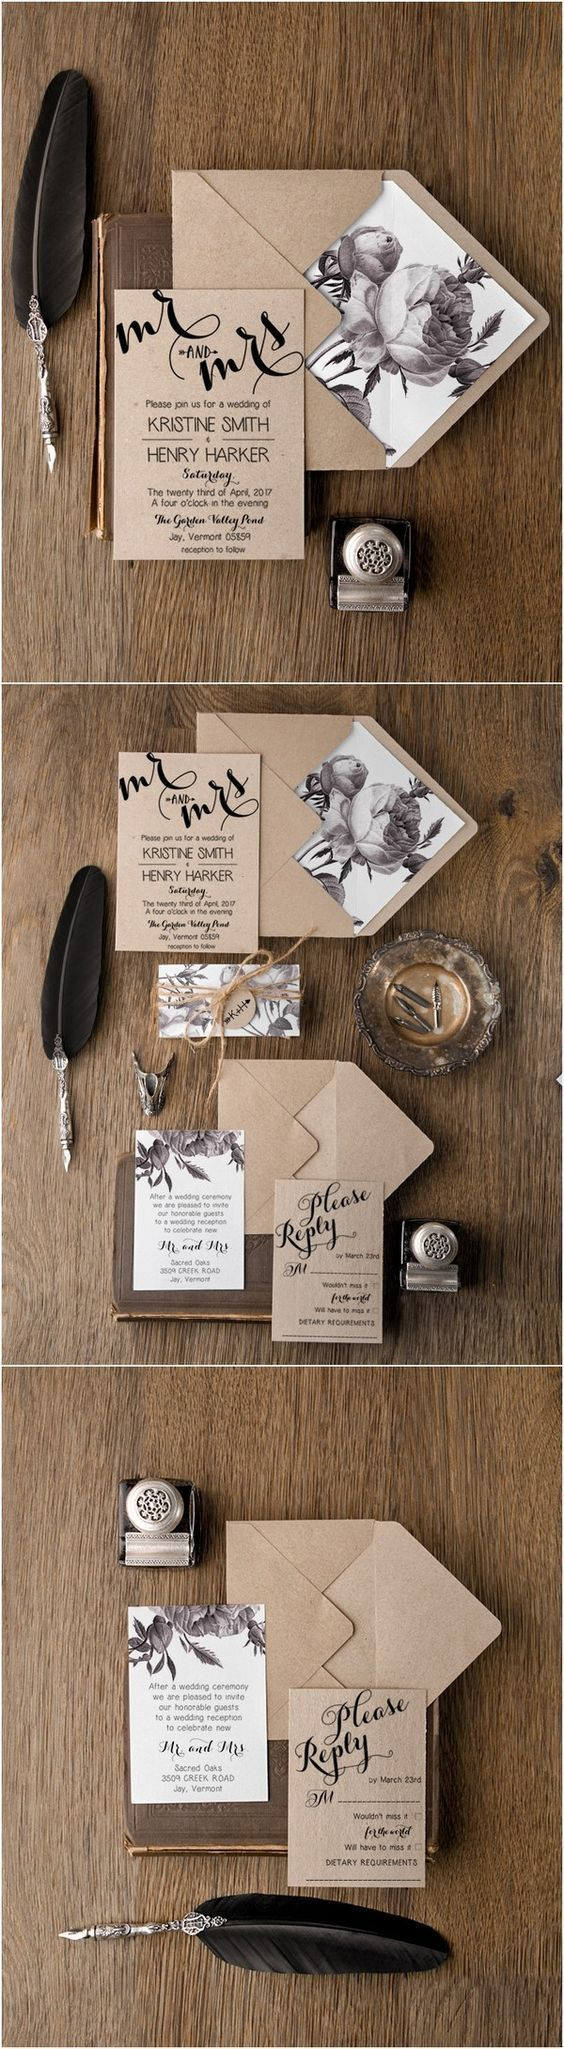 Rustic simple wedding invitations | Deer Pearl Flowers / http://www.deerpearlflowers.com/rustic-wedding-invitations/rustic-simple-wedding-invitations/